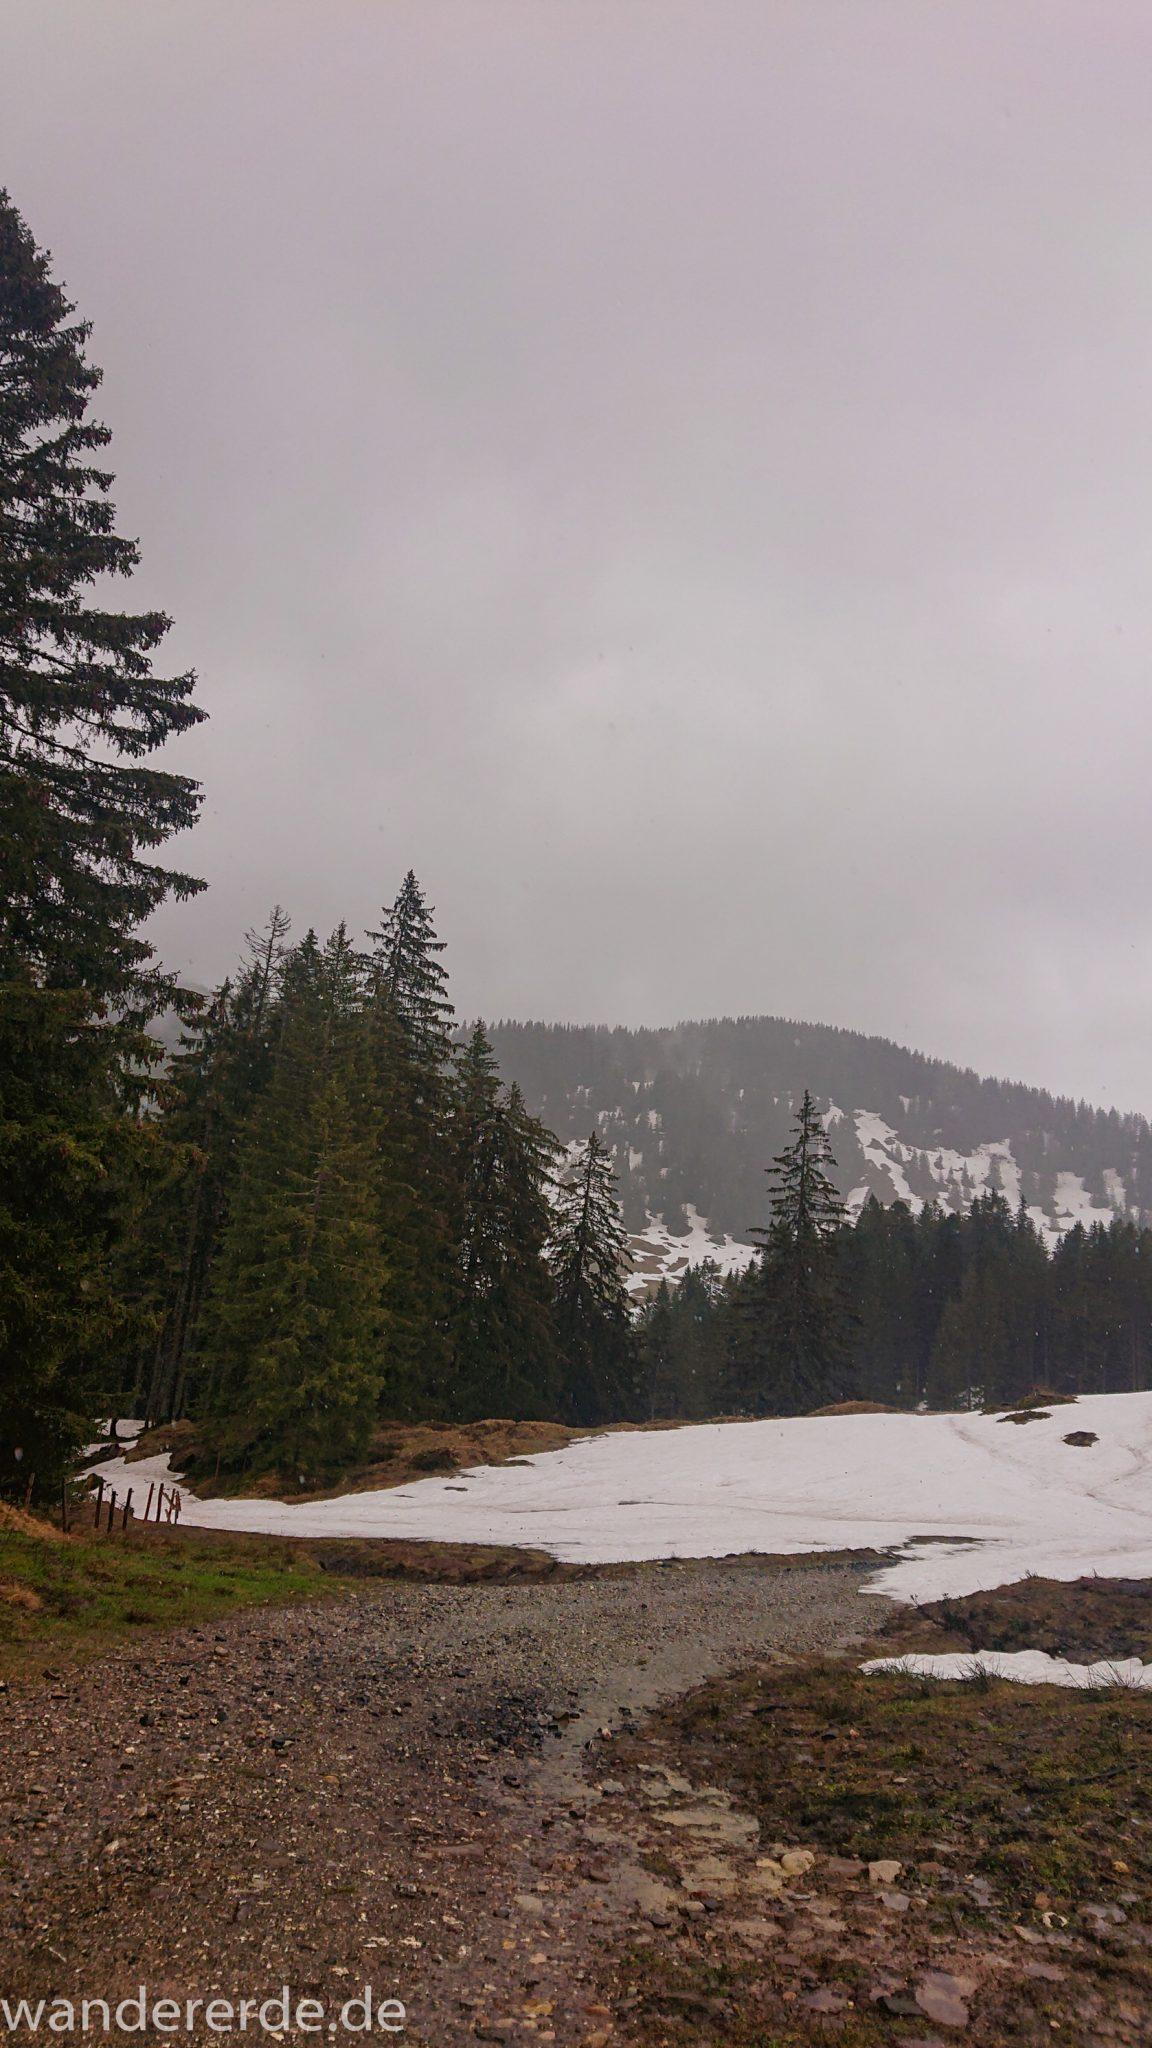 Wandern Gunzesrieder Ostertal im Allgäu, Baden-Württemberg, Obere Älple, viel Regen, dunkle Wolken, Schnee im Mai, saftig grüner Wald, Wanderweg unter Schnee, schöne Atmosphäre und Aussicht